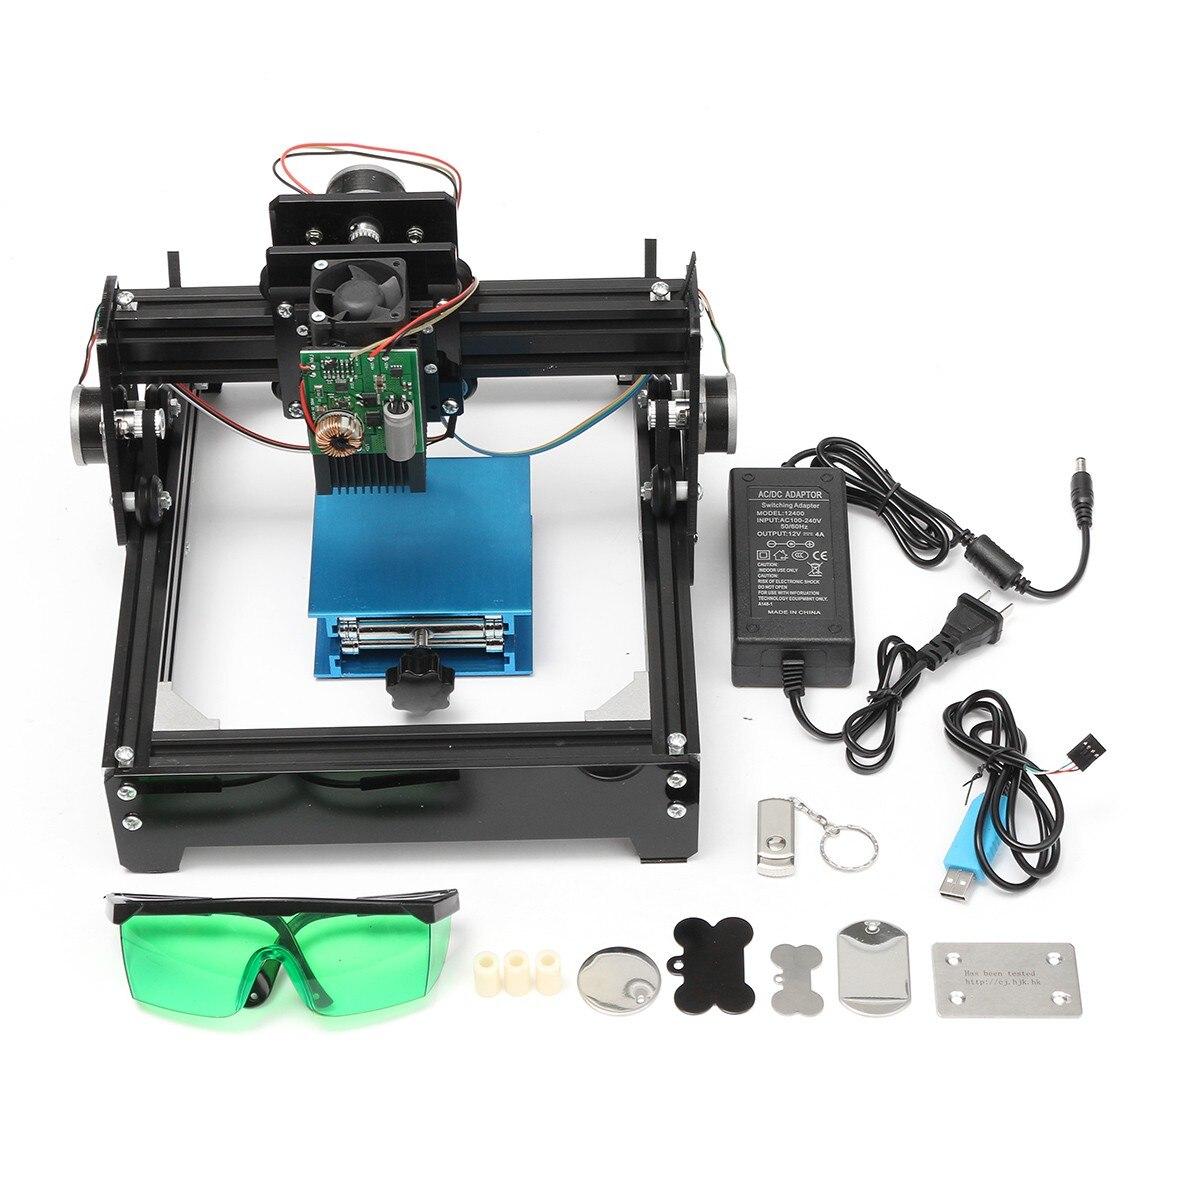 Aire de gravure 14x20 cm 15 w Laser COMME-5 USB De Bureau 15000 mw CNC Laser Graveur DIY machine de marquage Pour Le Métal Pierre Bois